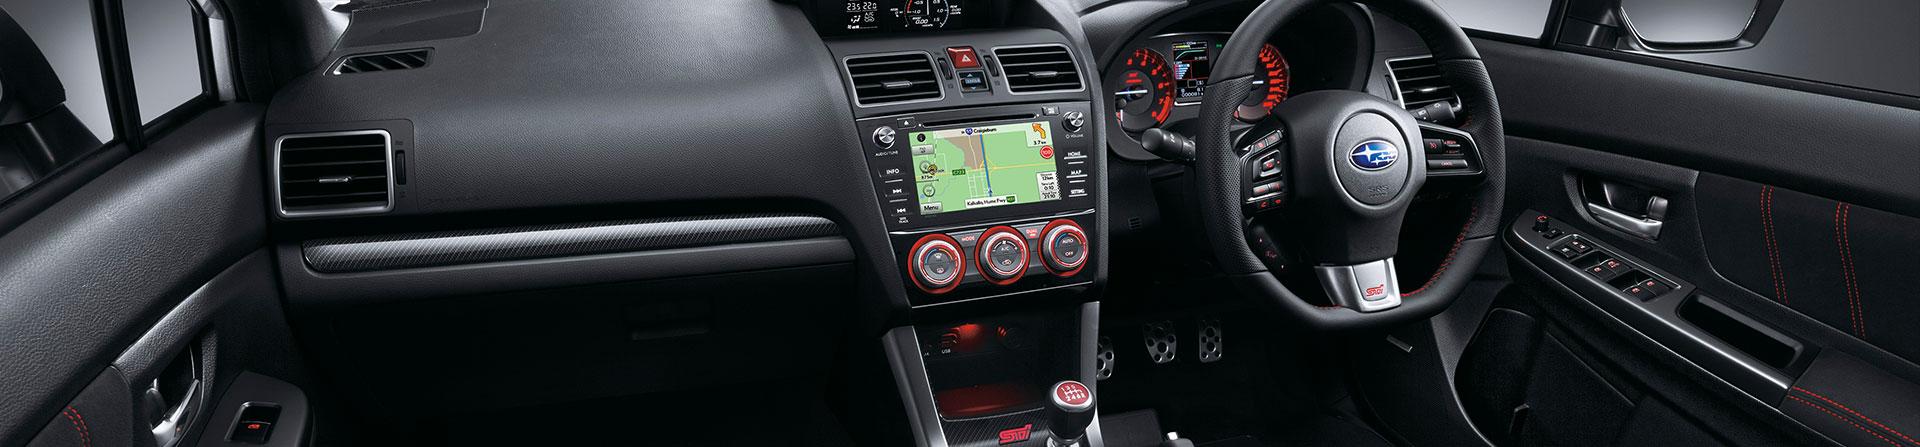 Subaru WRX STI Image 5